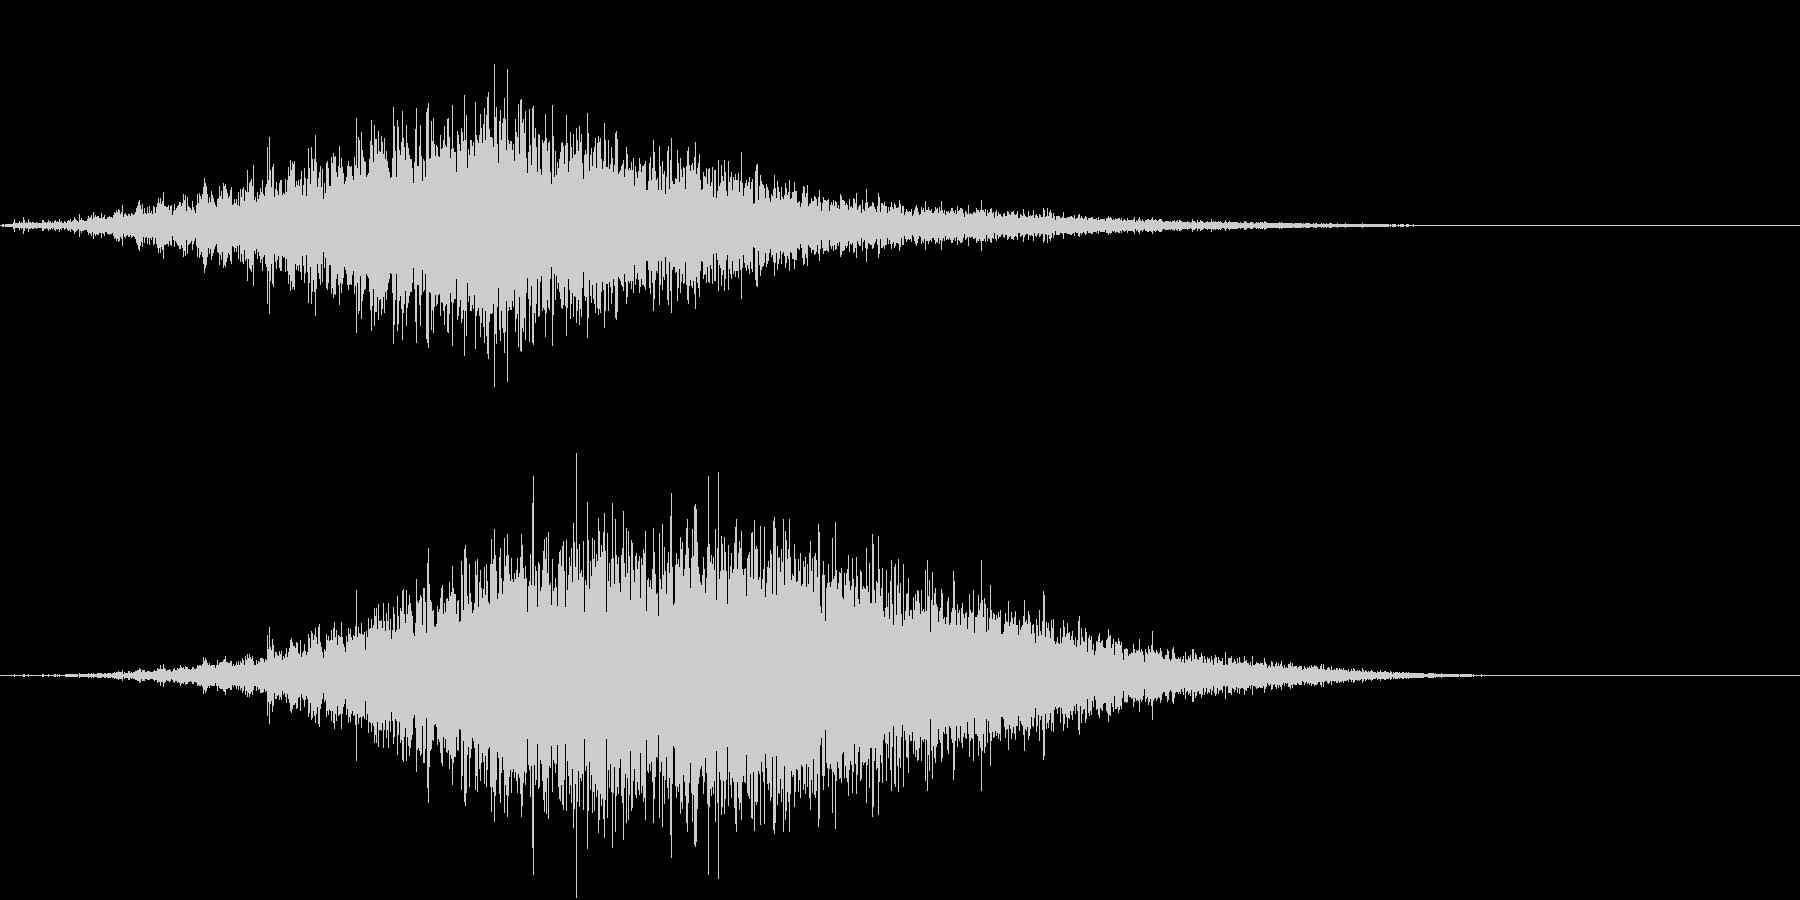 音侍SE「フルフル〜」軽快な振り鈴L-Rの未再生の波形